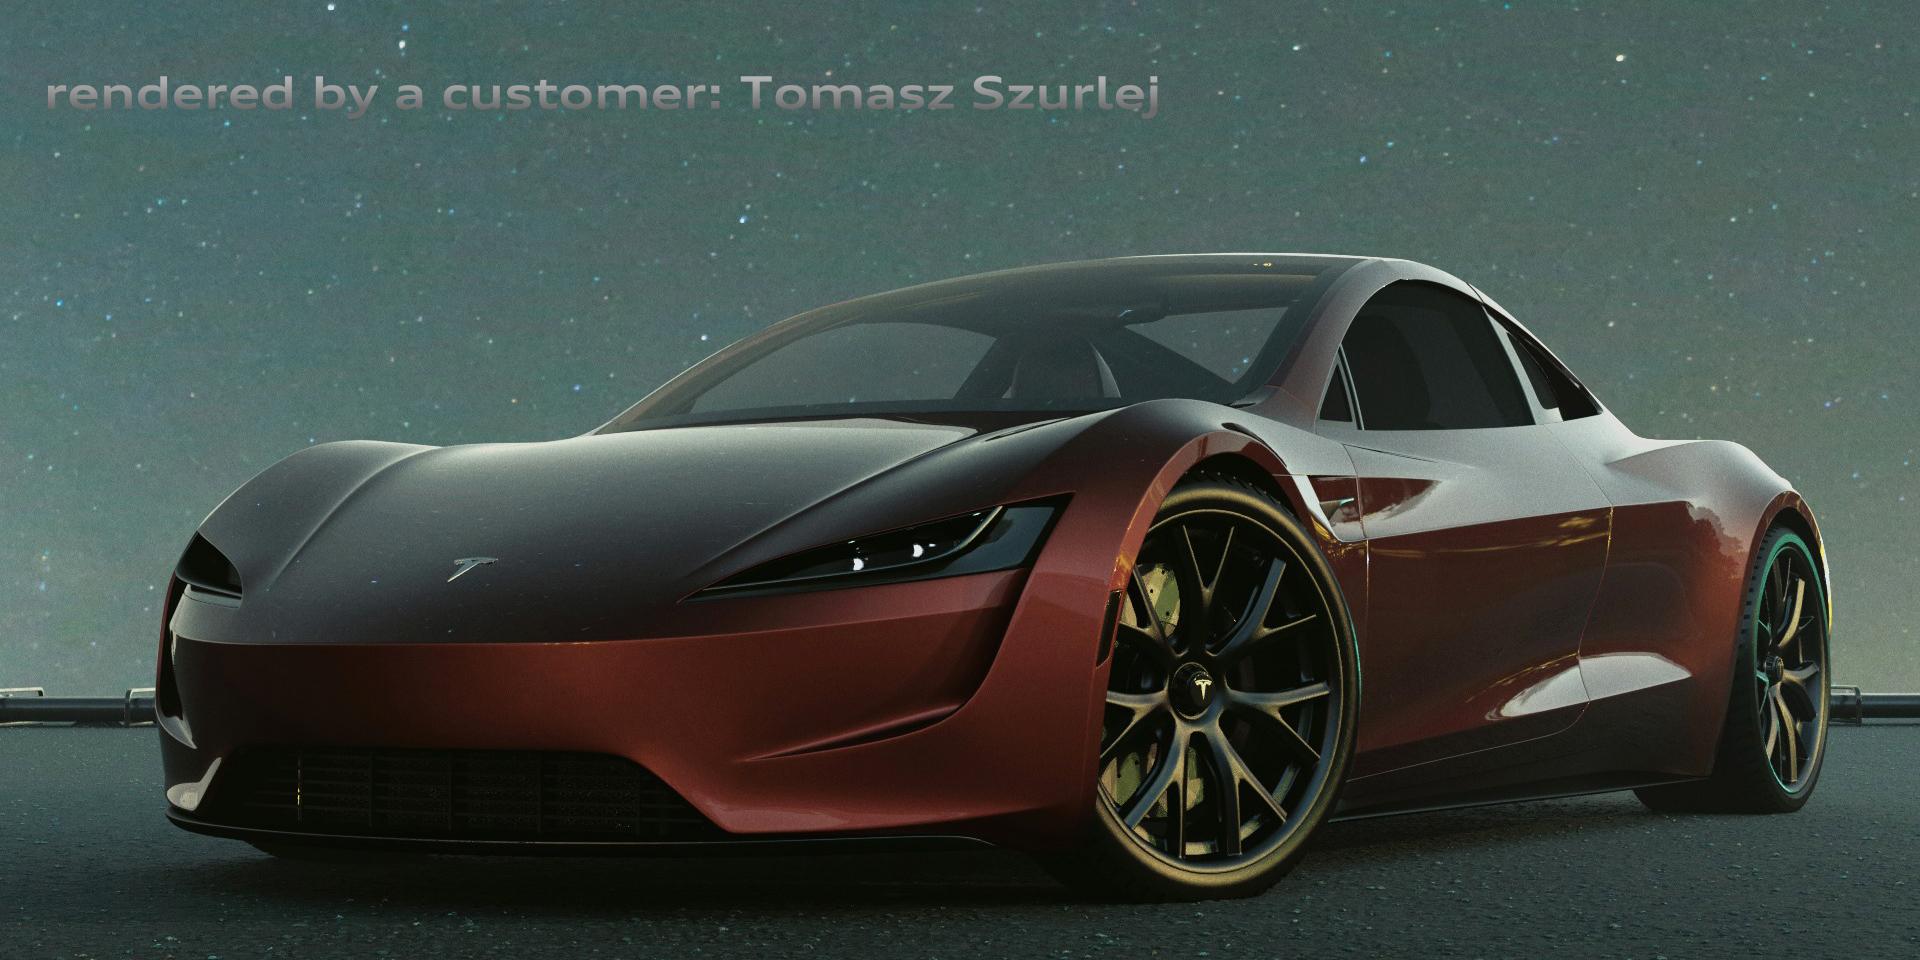 tesla roadster 2020 blender markettesla roadster 2020 blender market. Black Bedroom Furniture Sets. Home Design Ideas